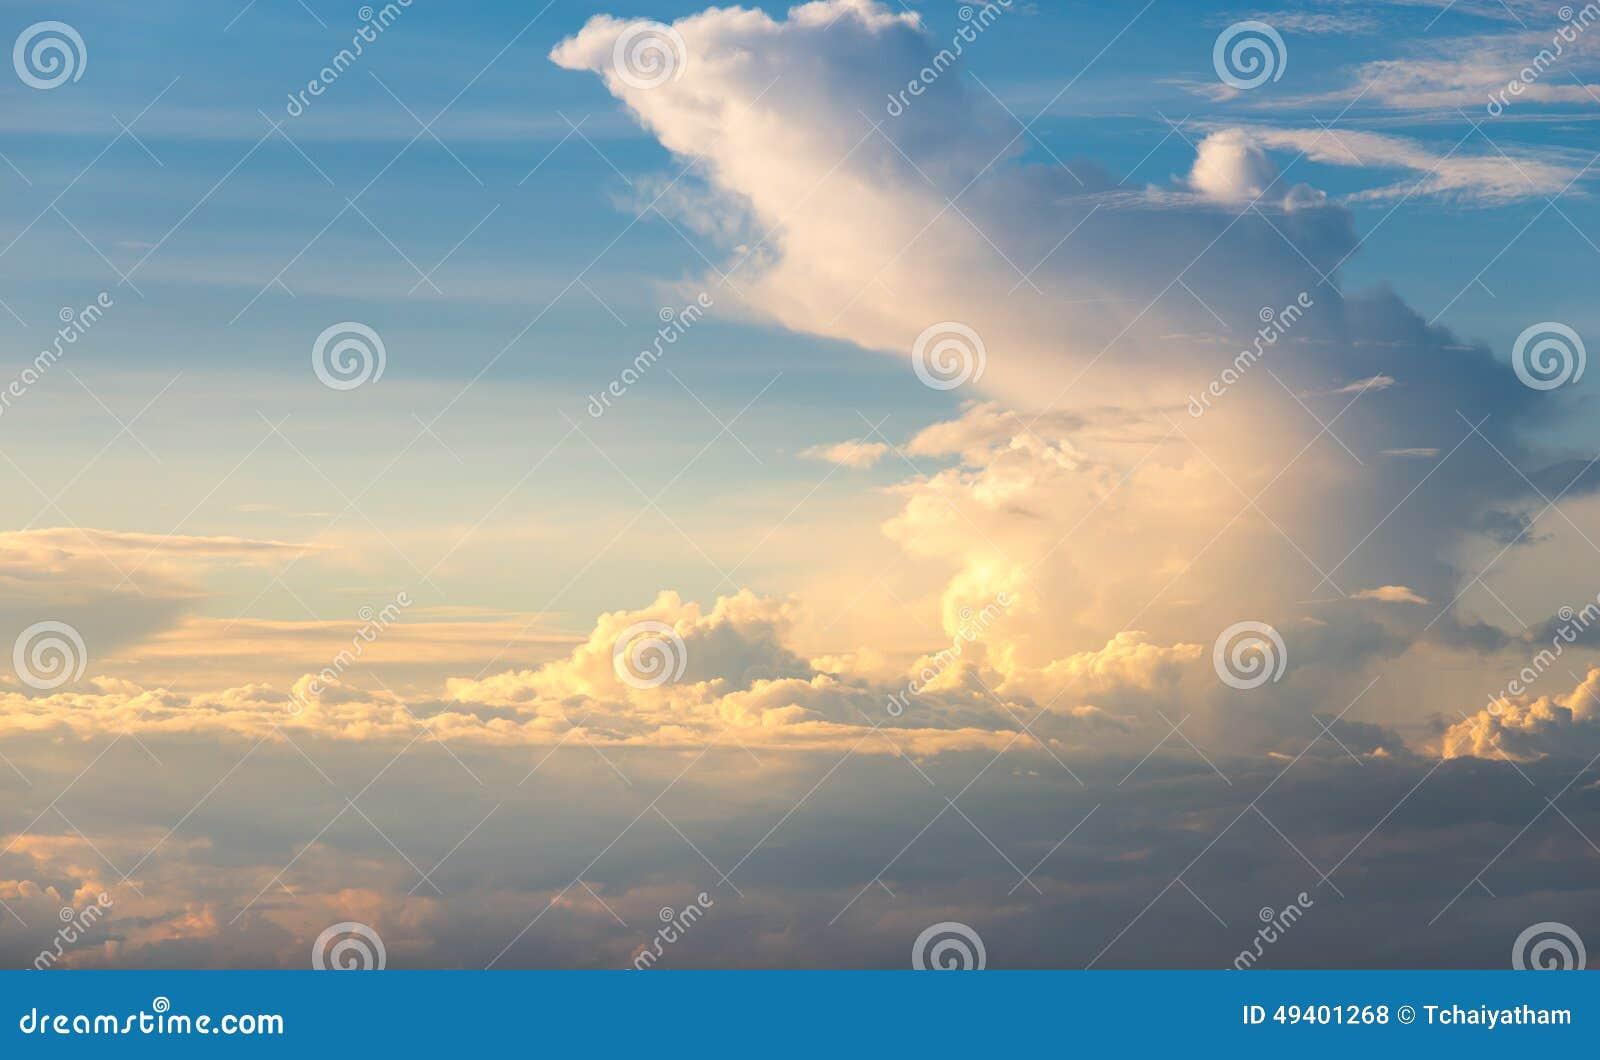 Download Himmel Mit Wolken Vor Sonnenuntergang Stockfoto - Bild von wetter, tageslicht: 49401268